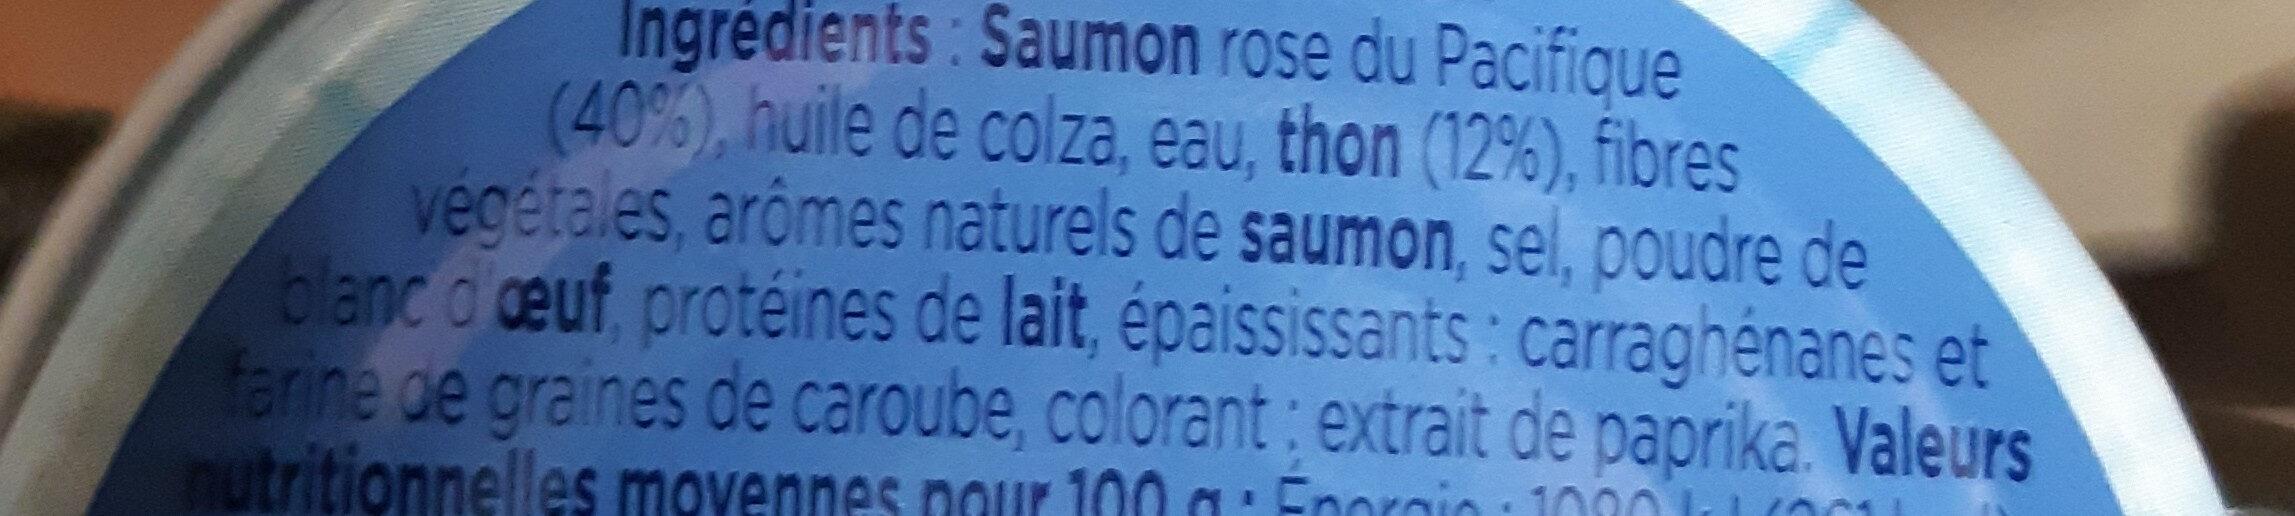 Rillettes de saumon - Inhaltsstoffe